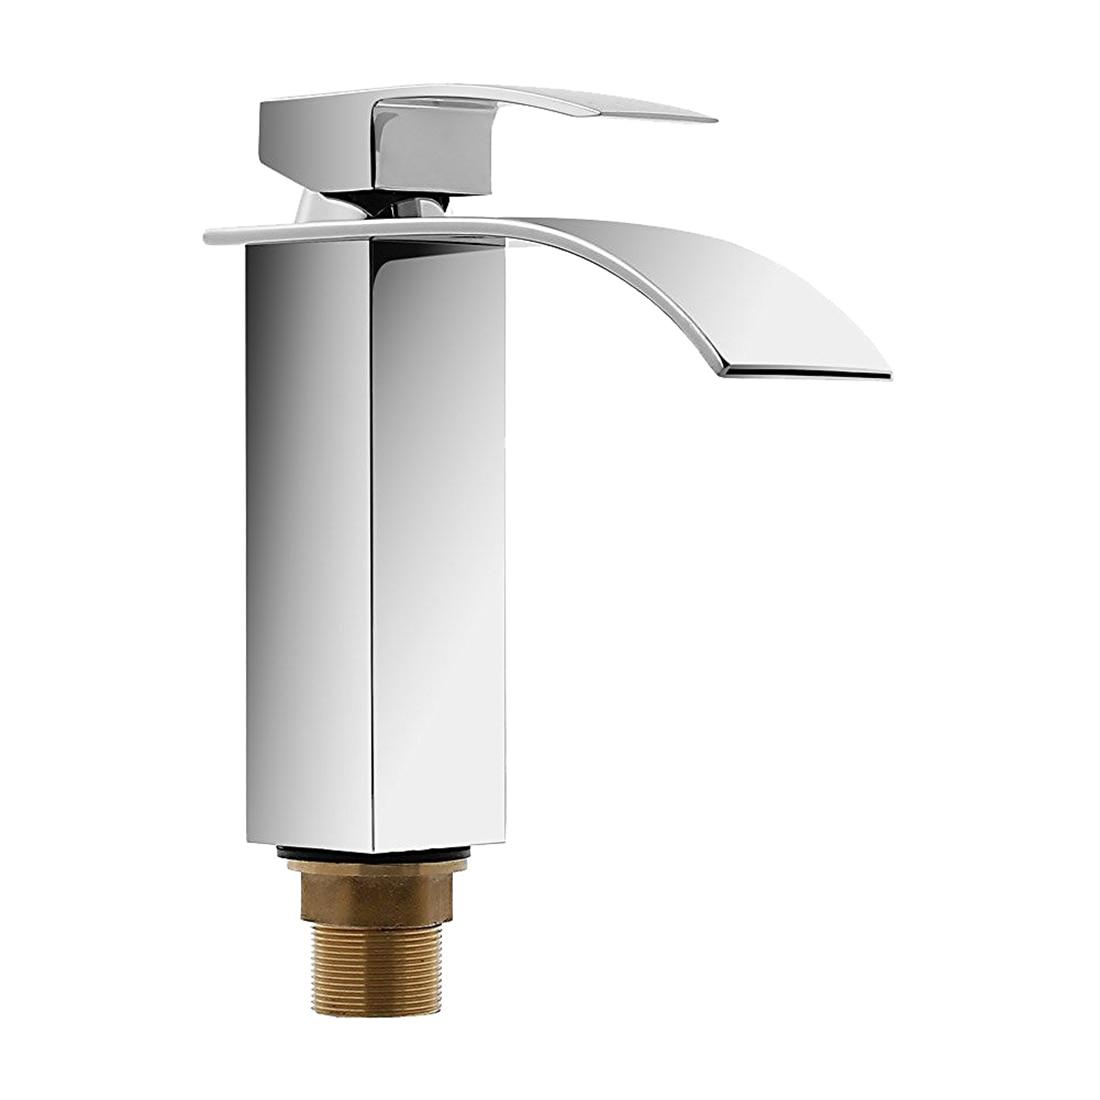 SWA Faucet tap faucet sink tap chrome SWA 12